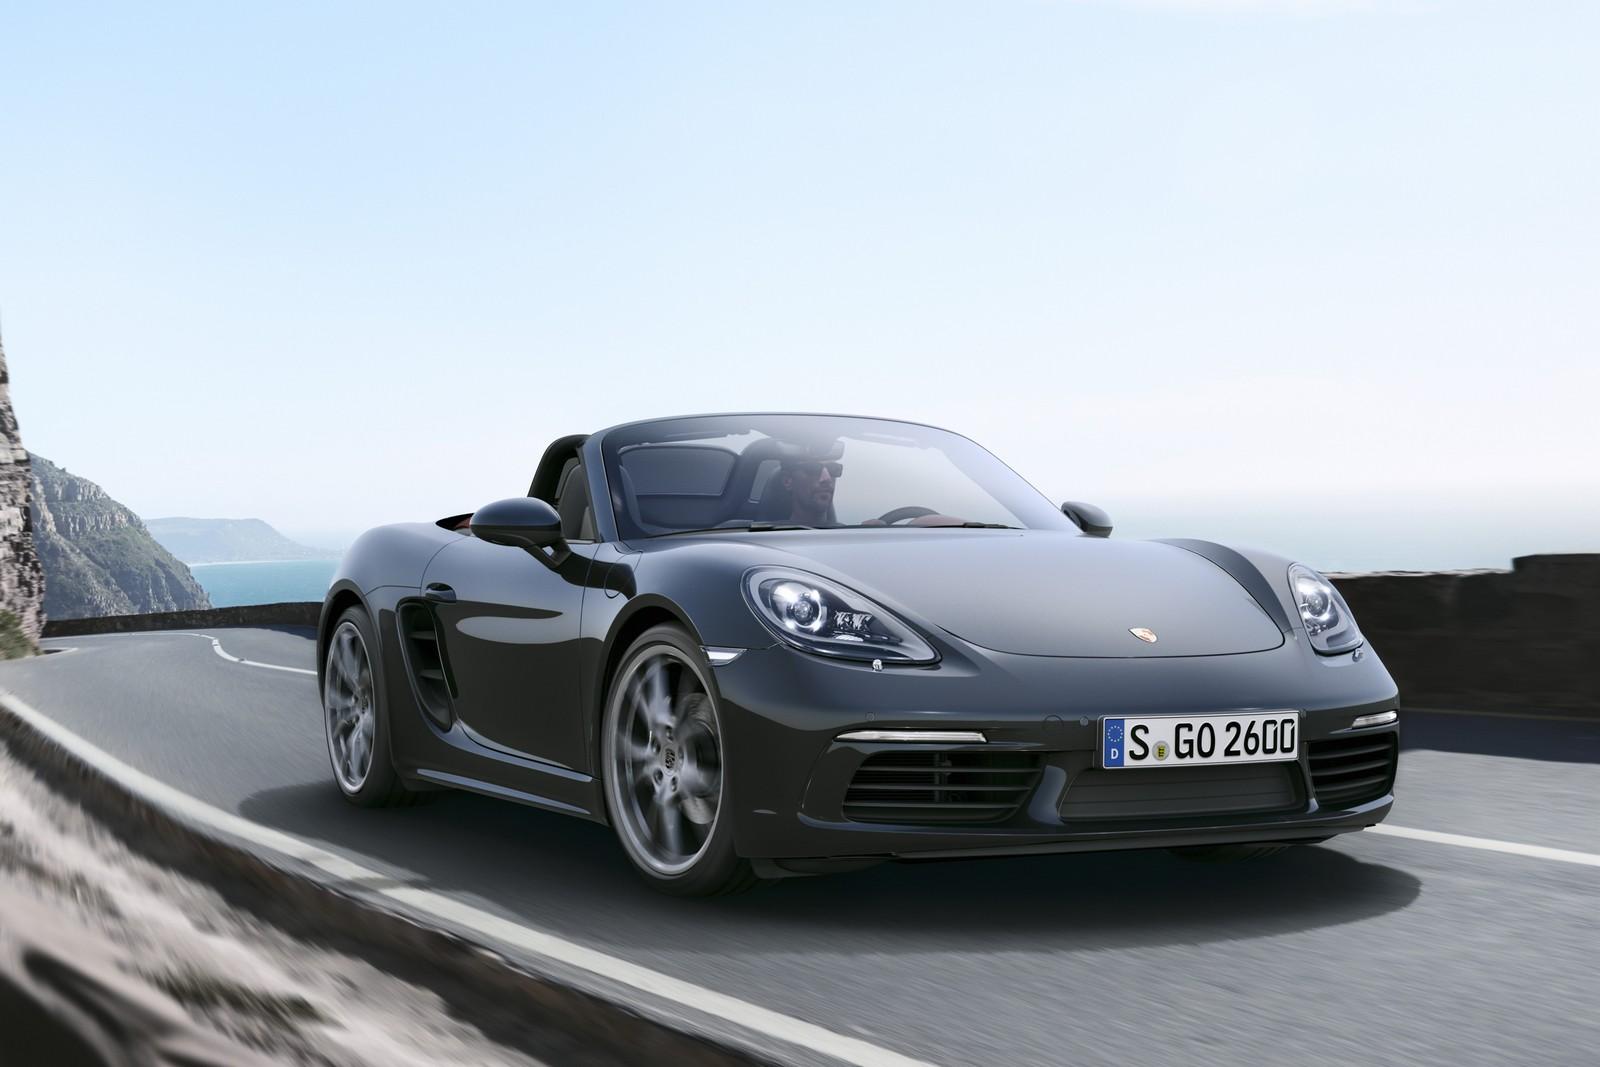 Porsche 718 Boxster официальное фото, черный спереди